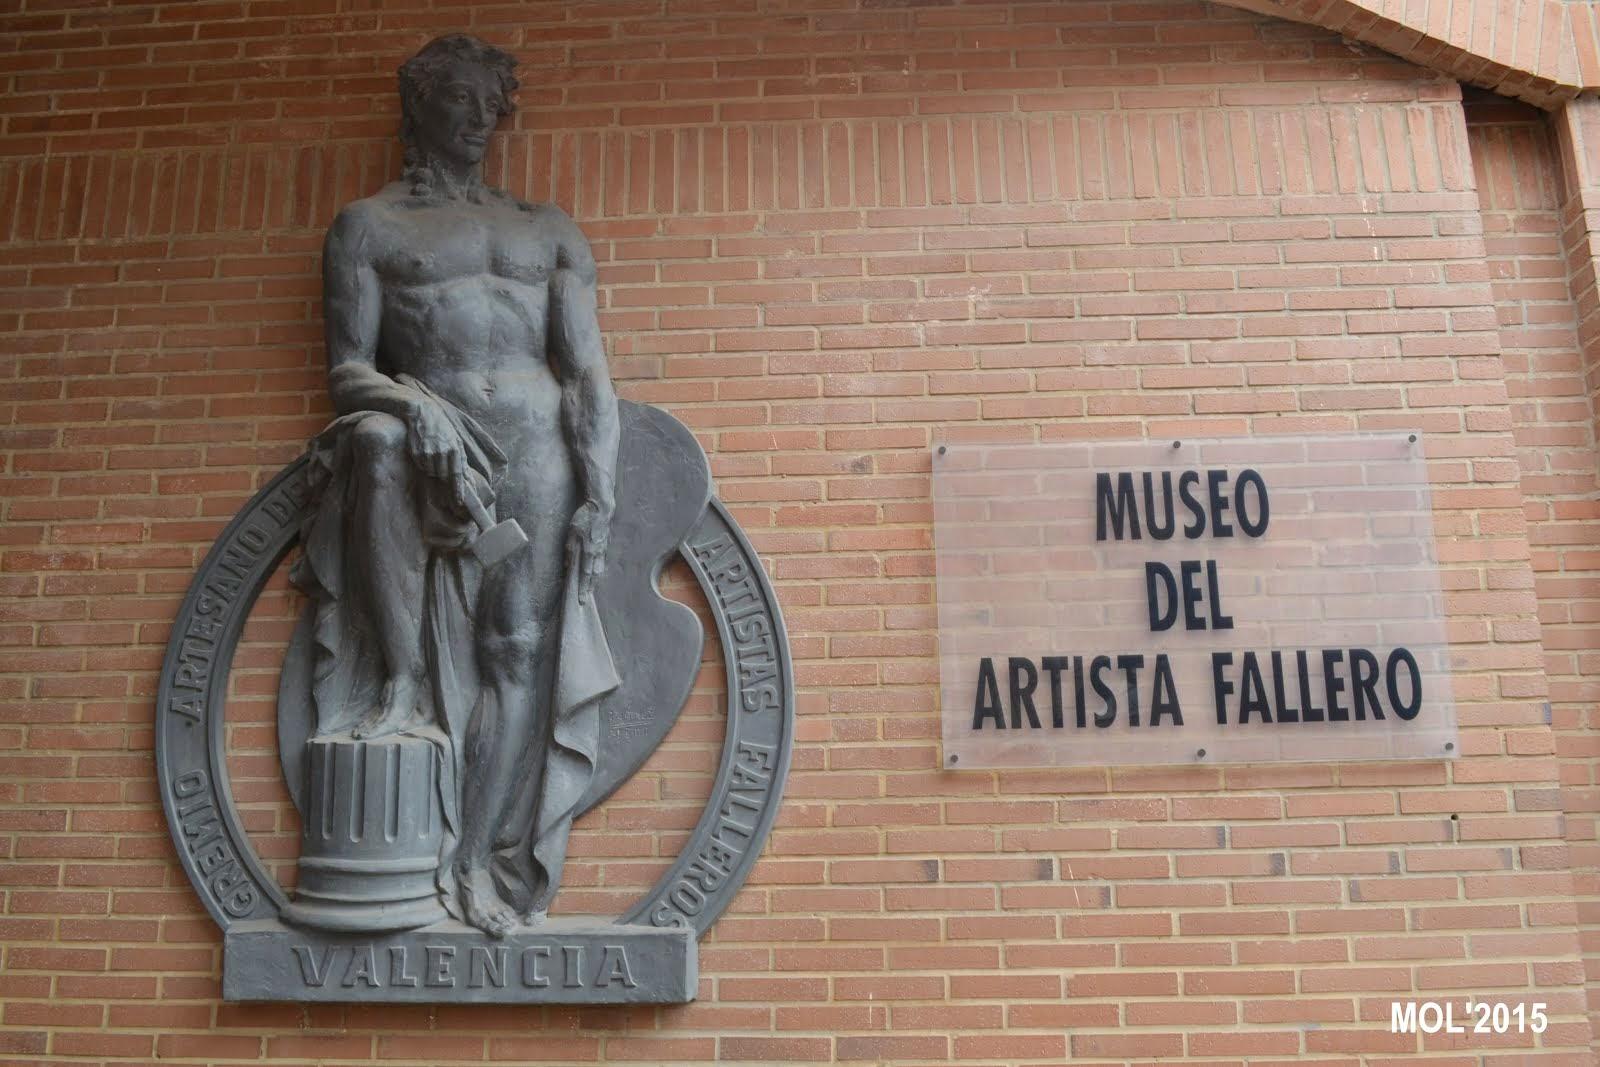 VISITA AL MUSEO DEL ARTISTA FALLERO EN VALENCIA